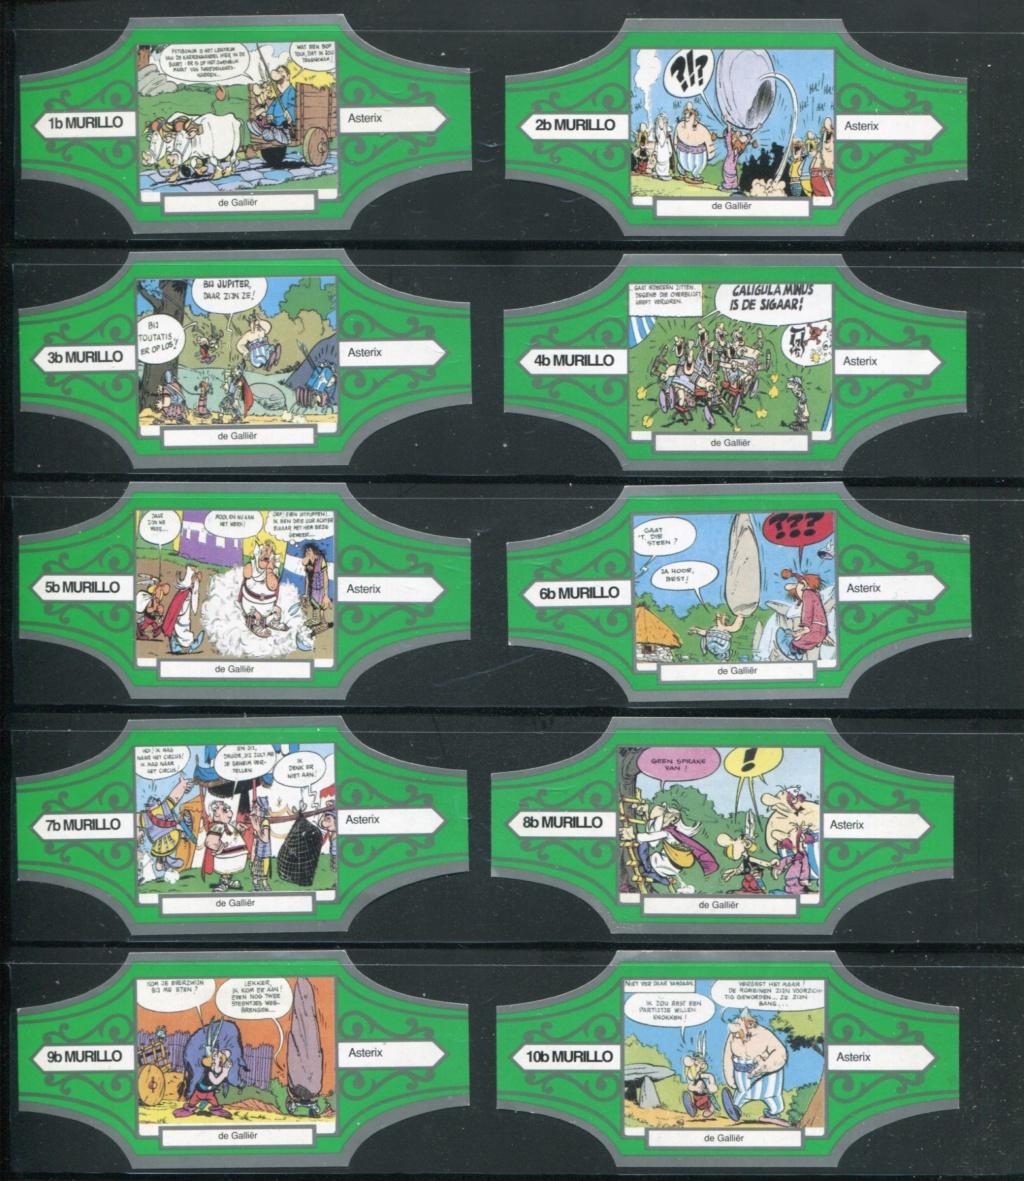 baguescigareGaulois37110  - Page 3 Szorie90